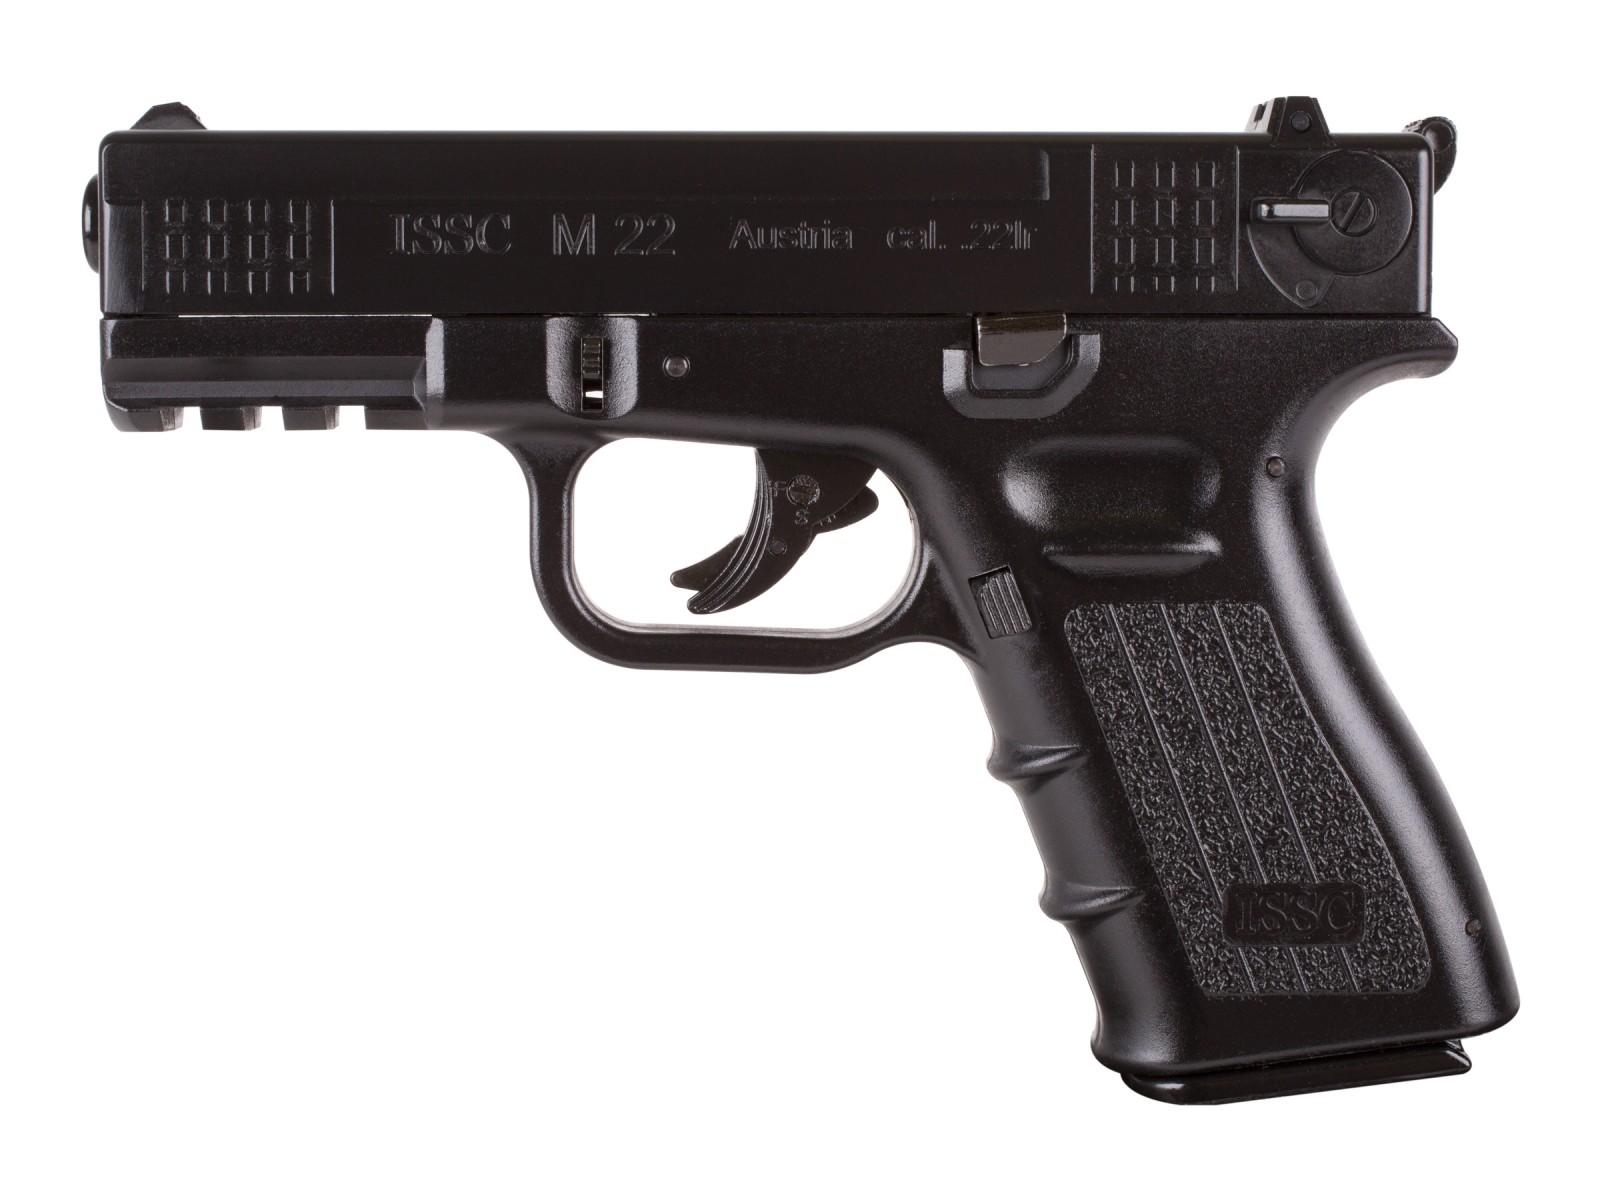 ISSC M-22 CO2 Air Pistol